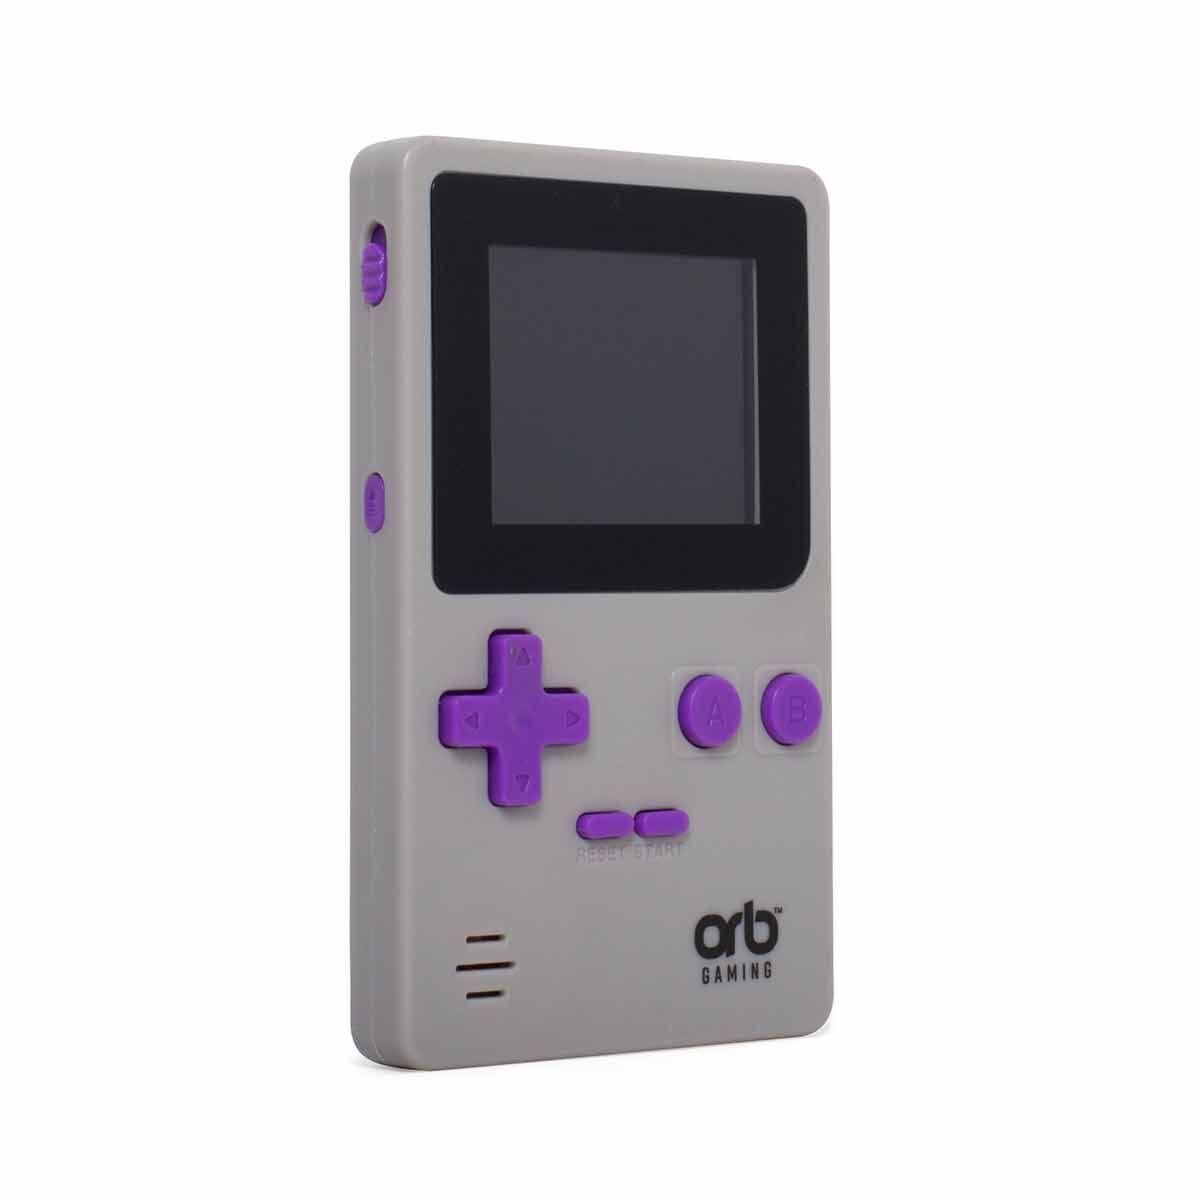 Retro Handheld Arcade Game Console Grey